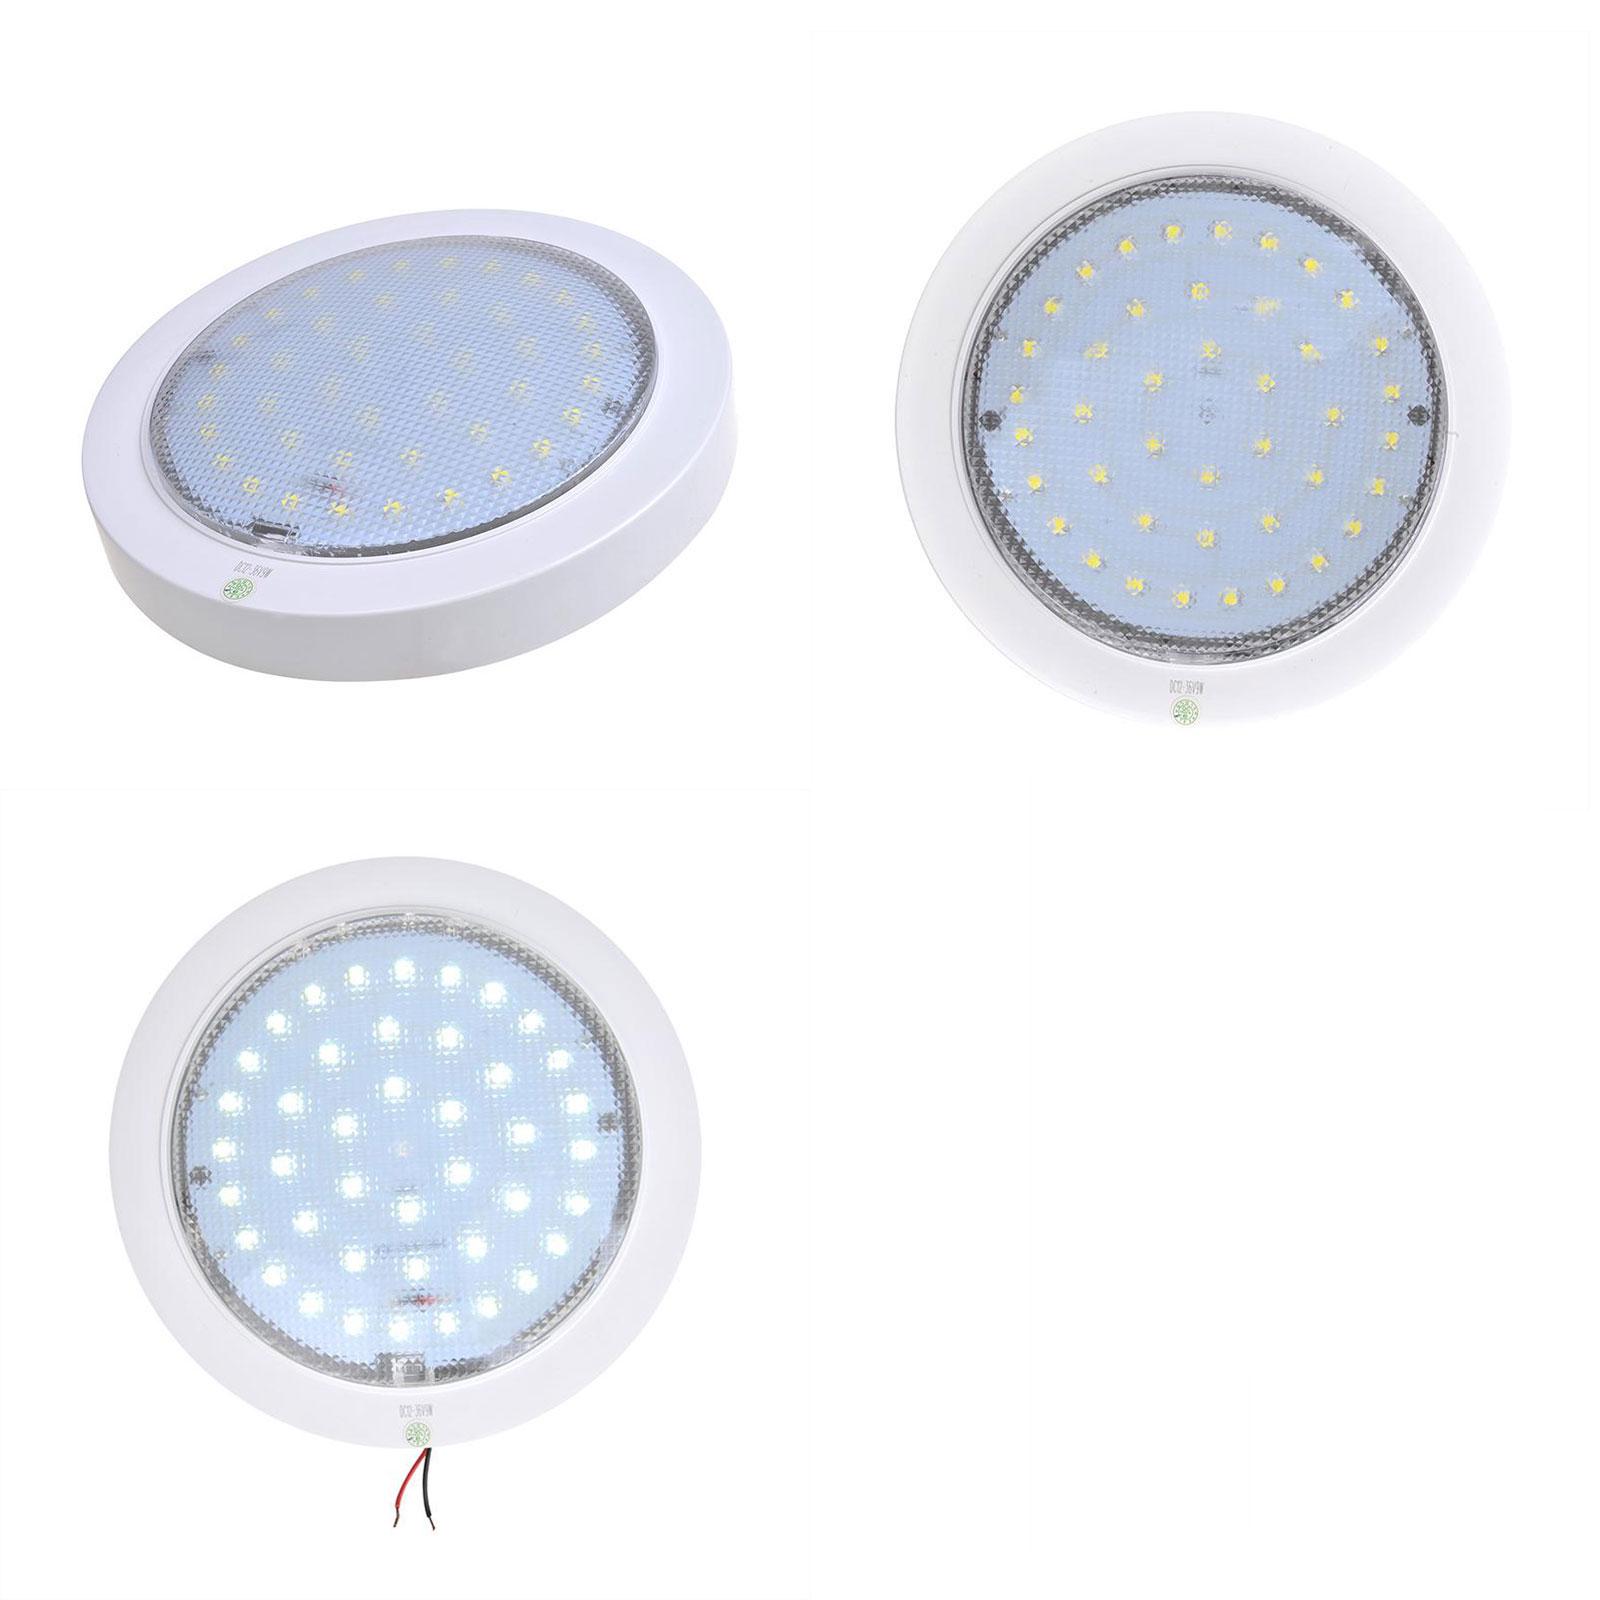 Deckenleuchte 42 LEDs 840lm, 12V-8,5W, Ø220x50mm